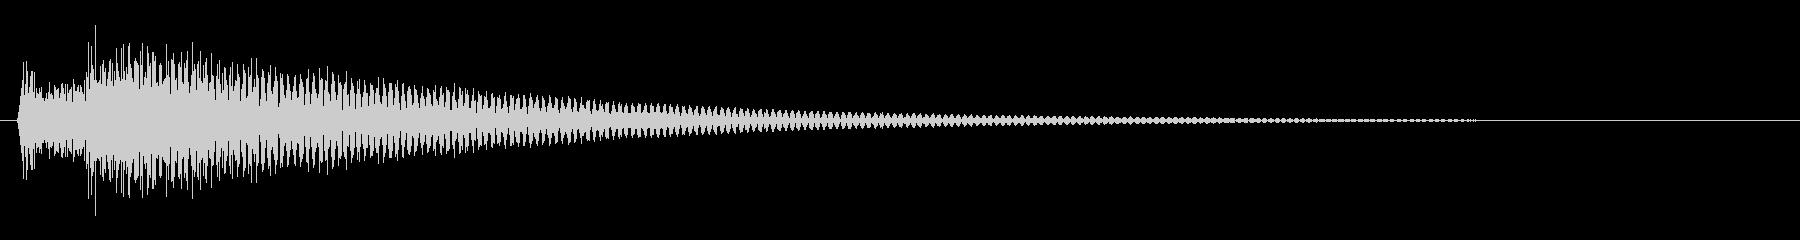 コカ〜ン(電子的な可愛らしい明るい音)の未再生の波形